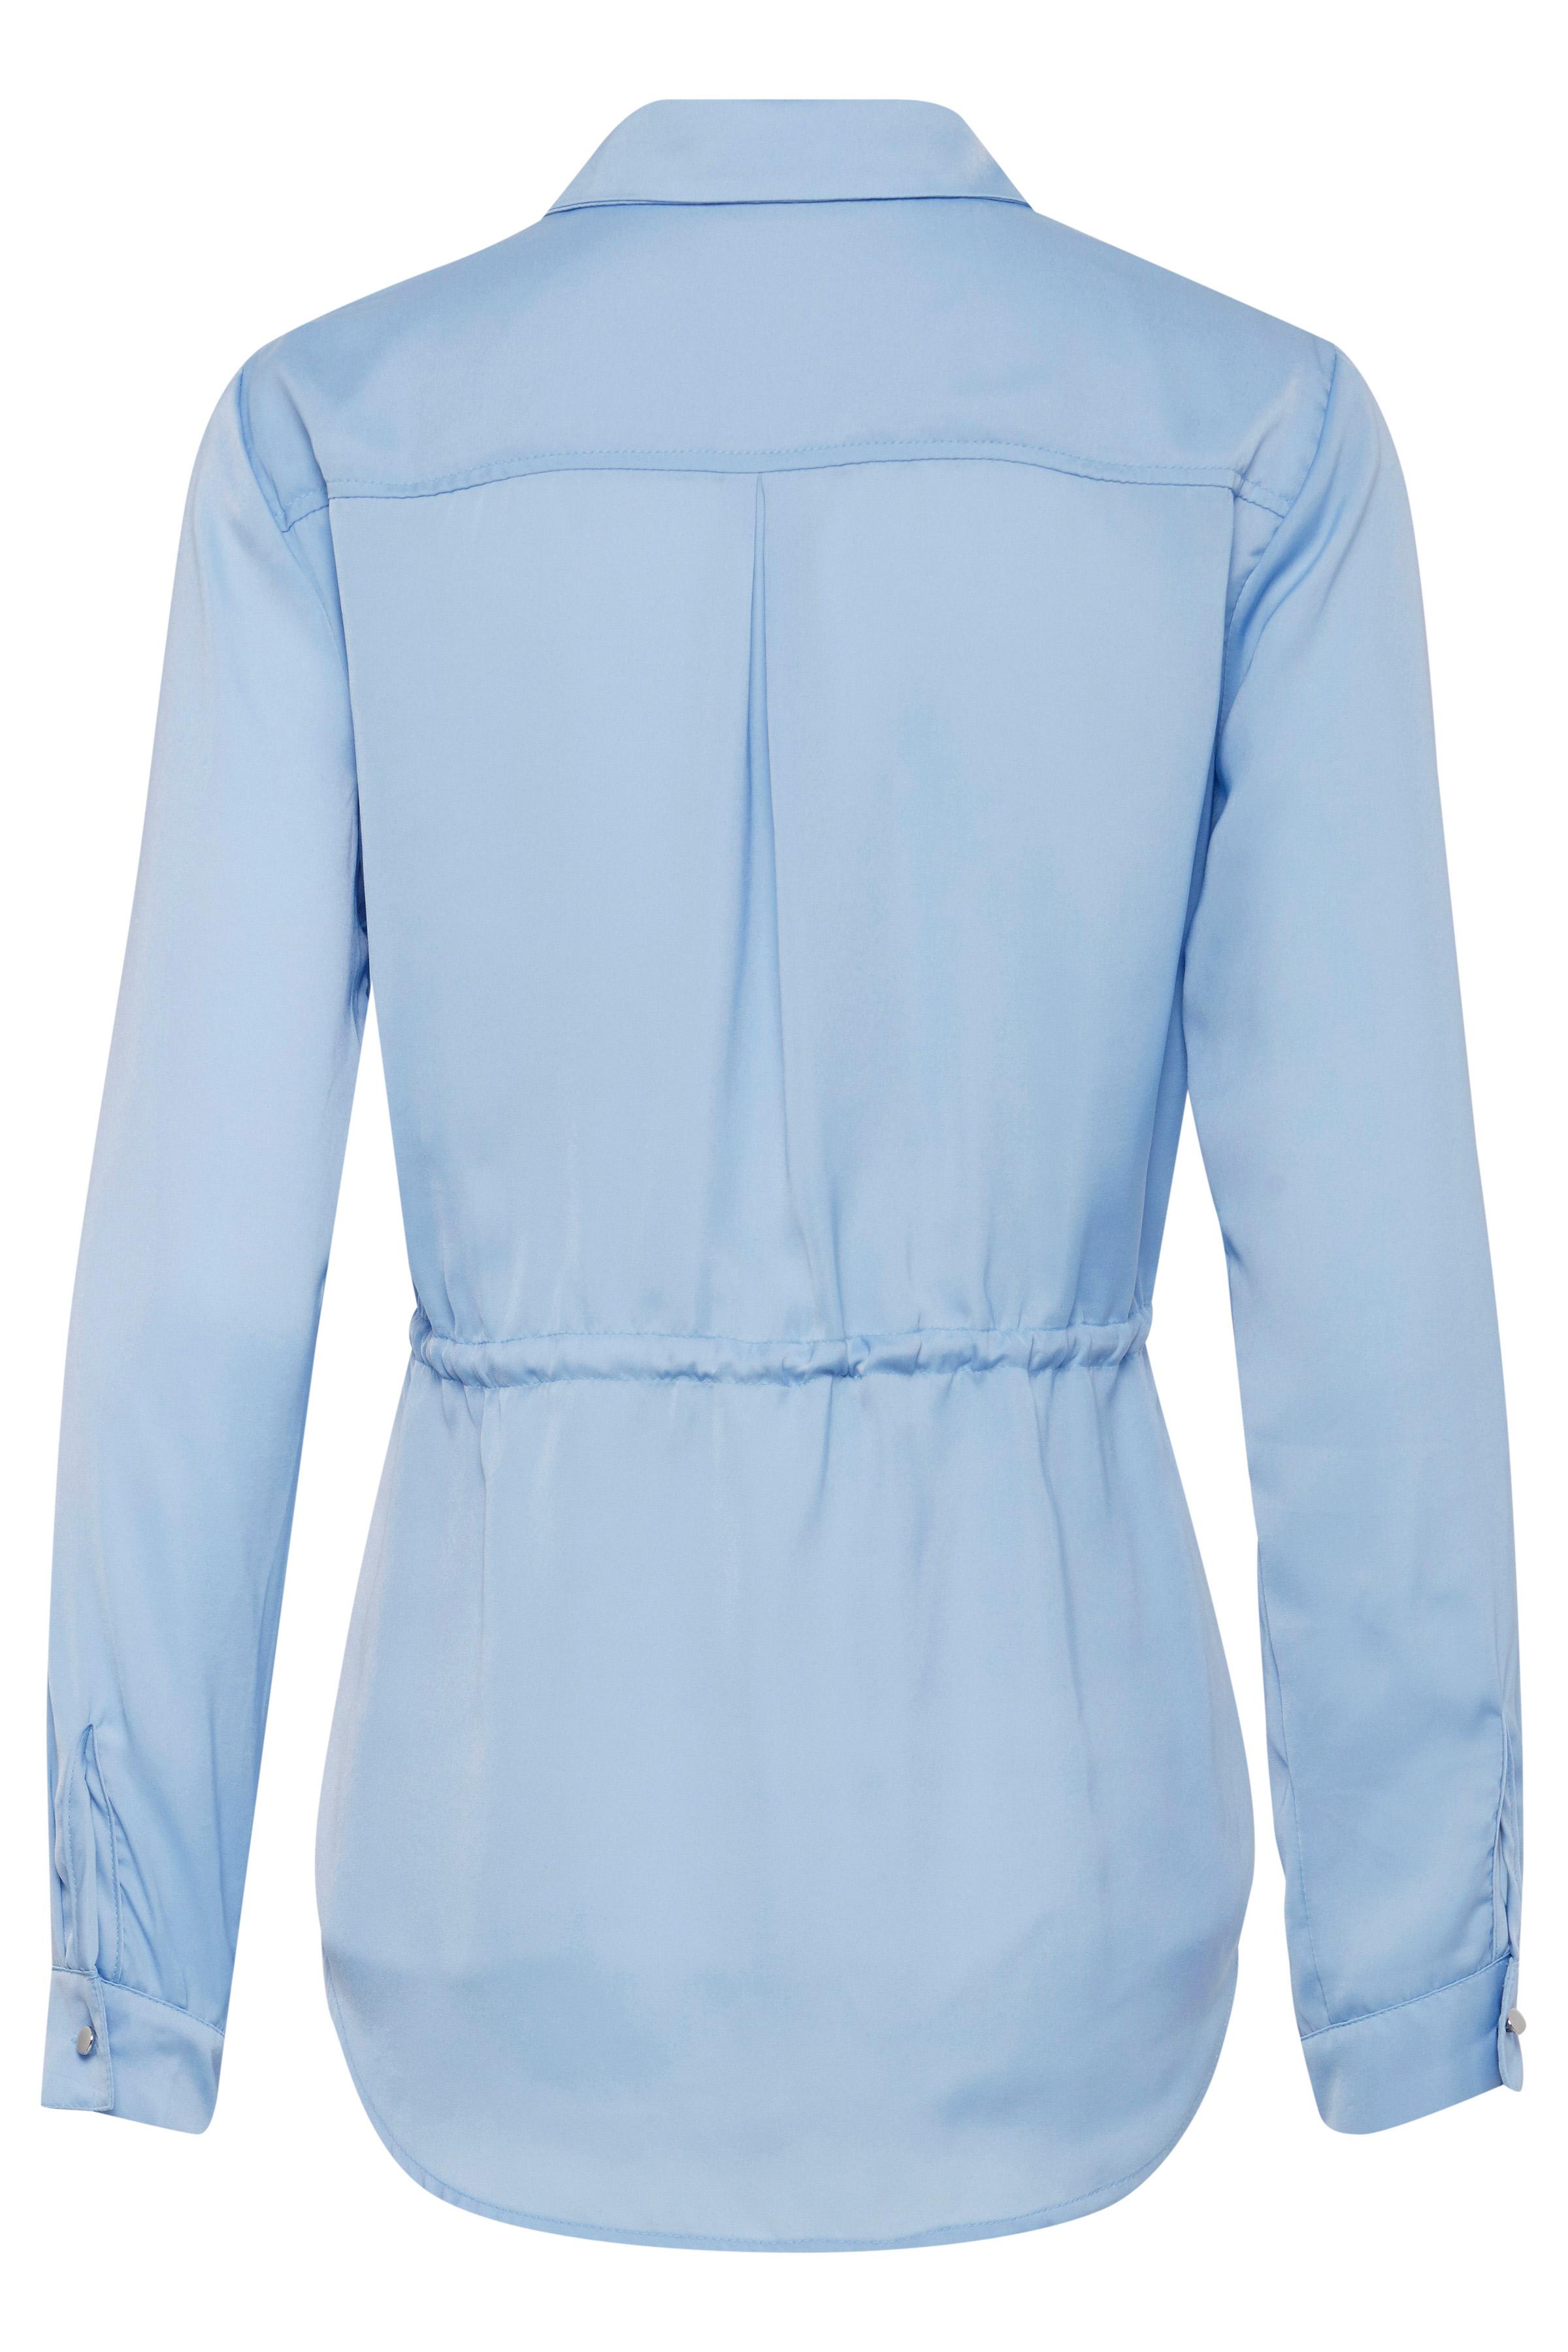 Sky Blue Langarm - Hemd von b.young – Kaufen Sie Sky Blue Langarm - Hemd aus Größe 36-46 hier